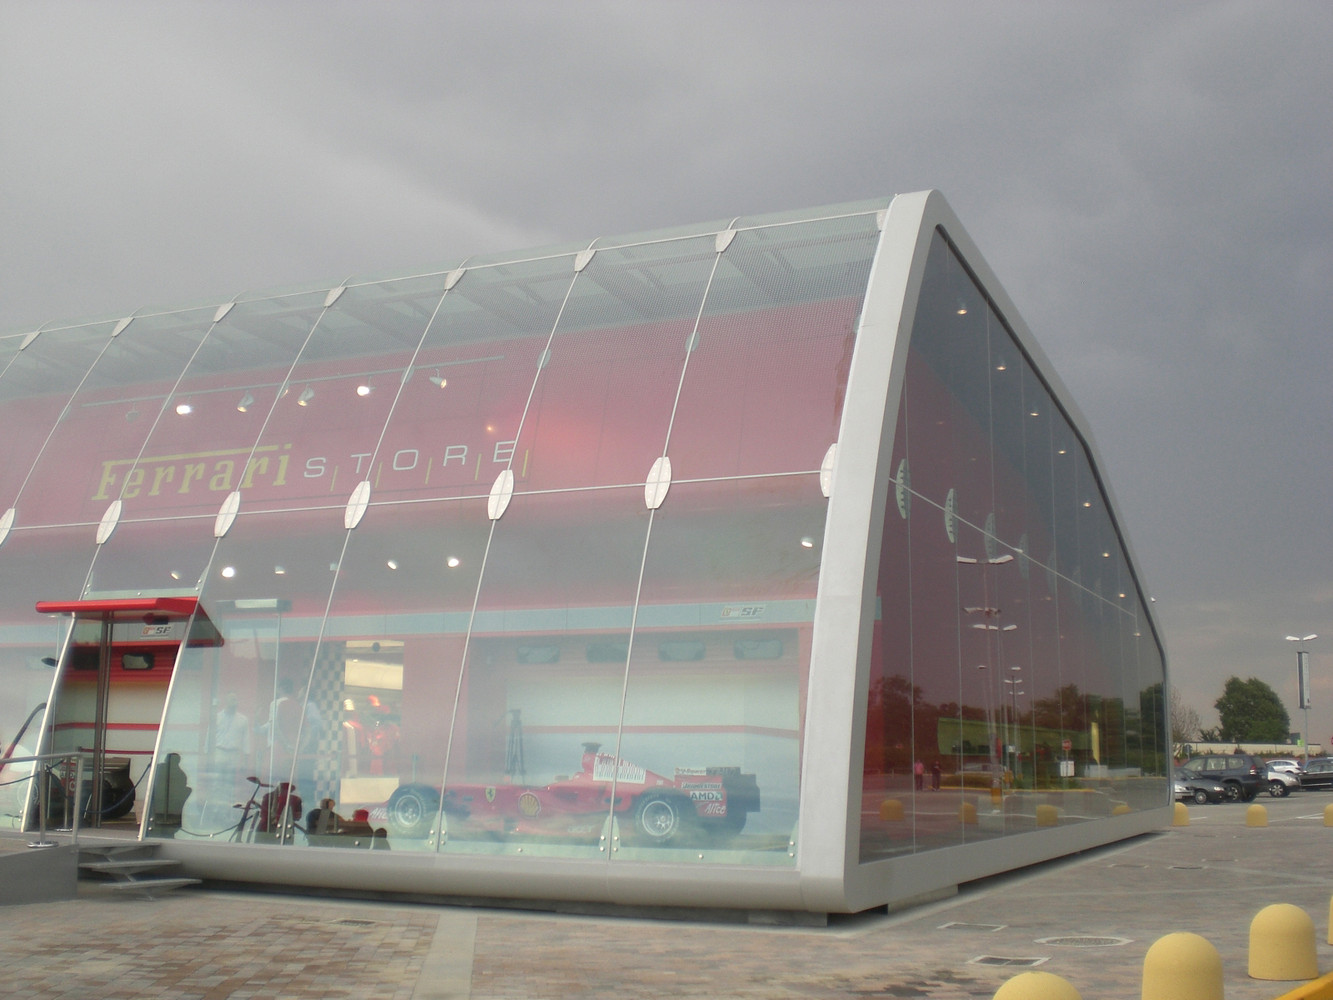 Great Ferrari Factory Store,© Gianluca Grassano Ideas